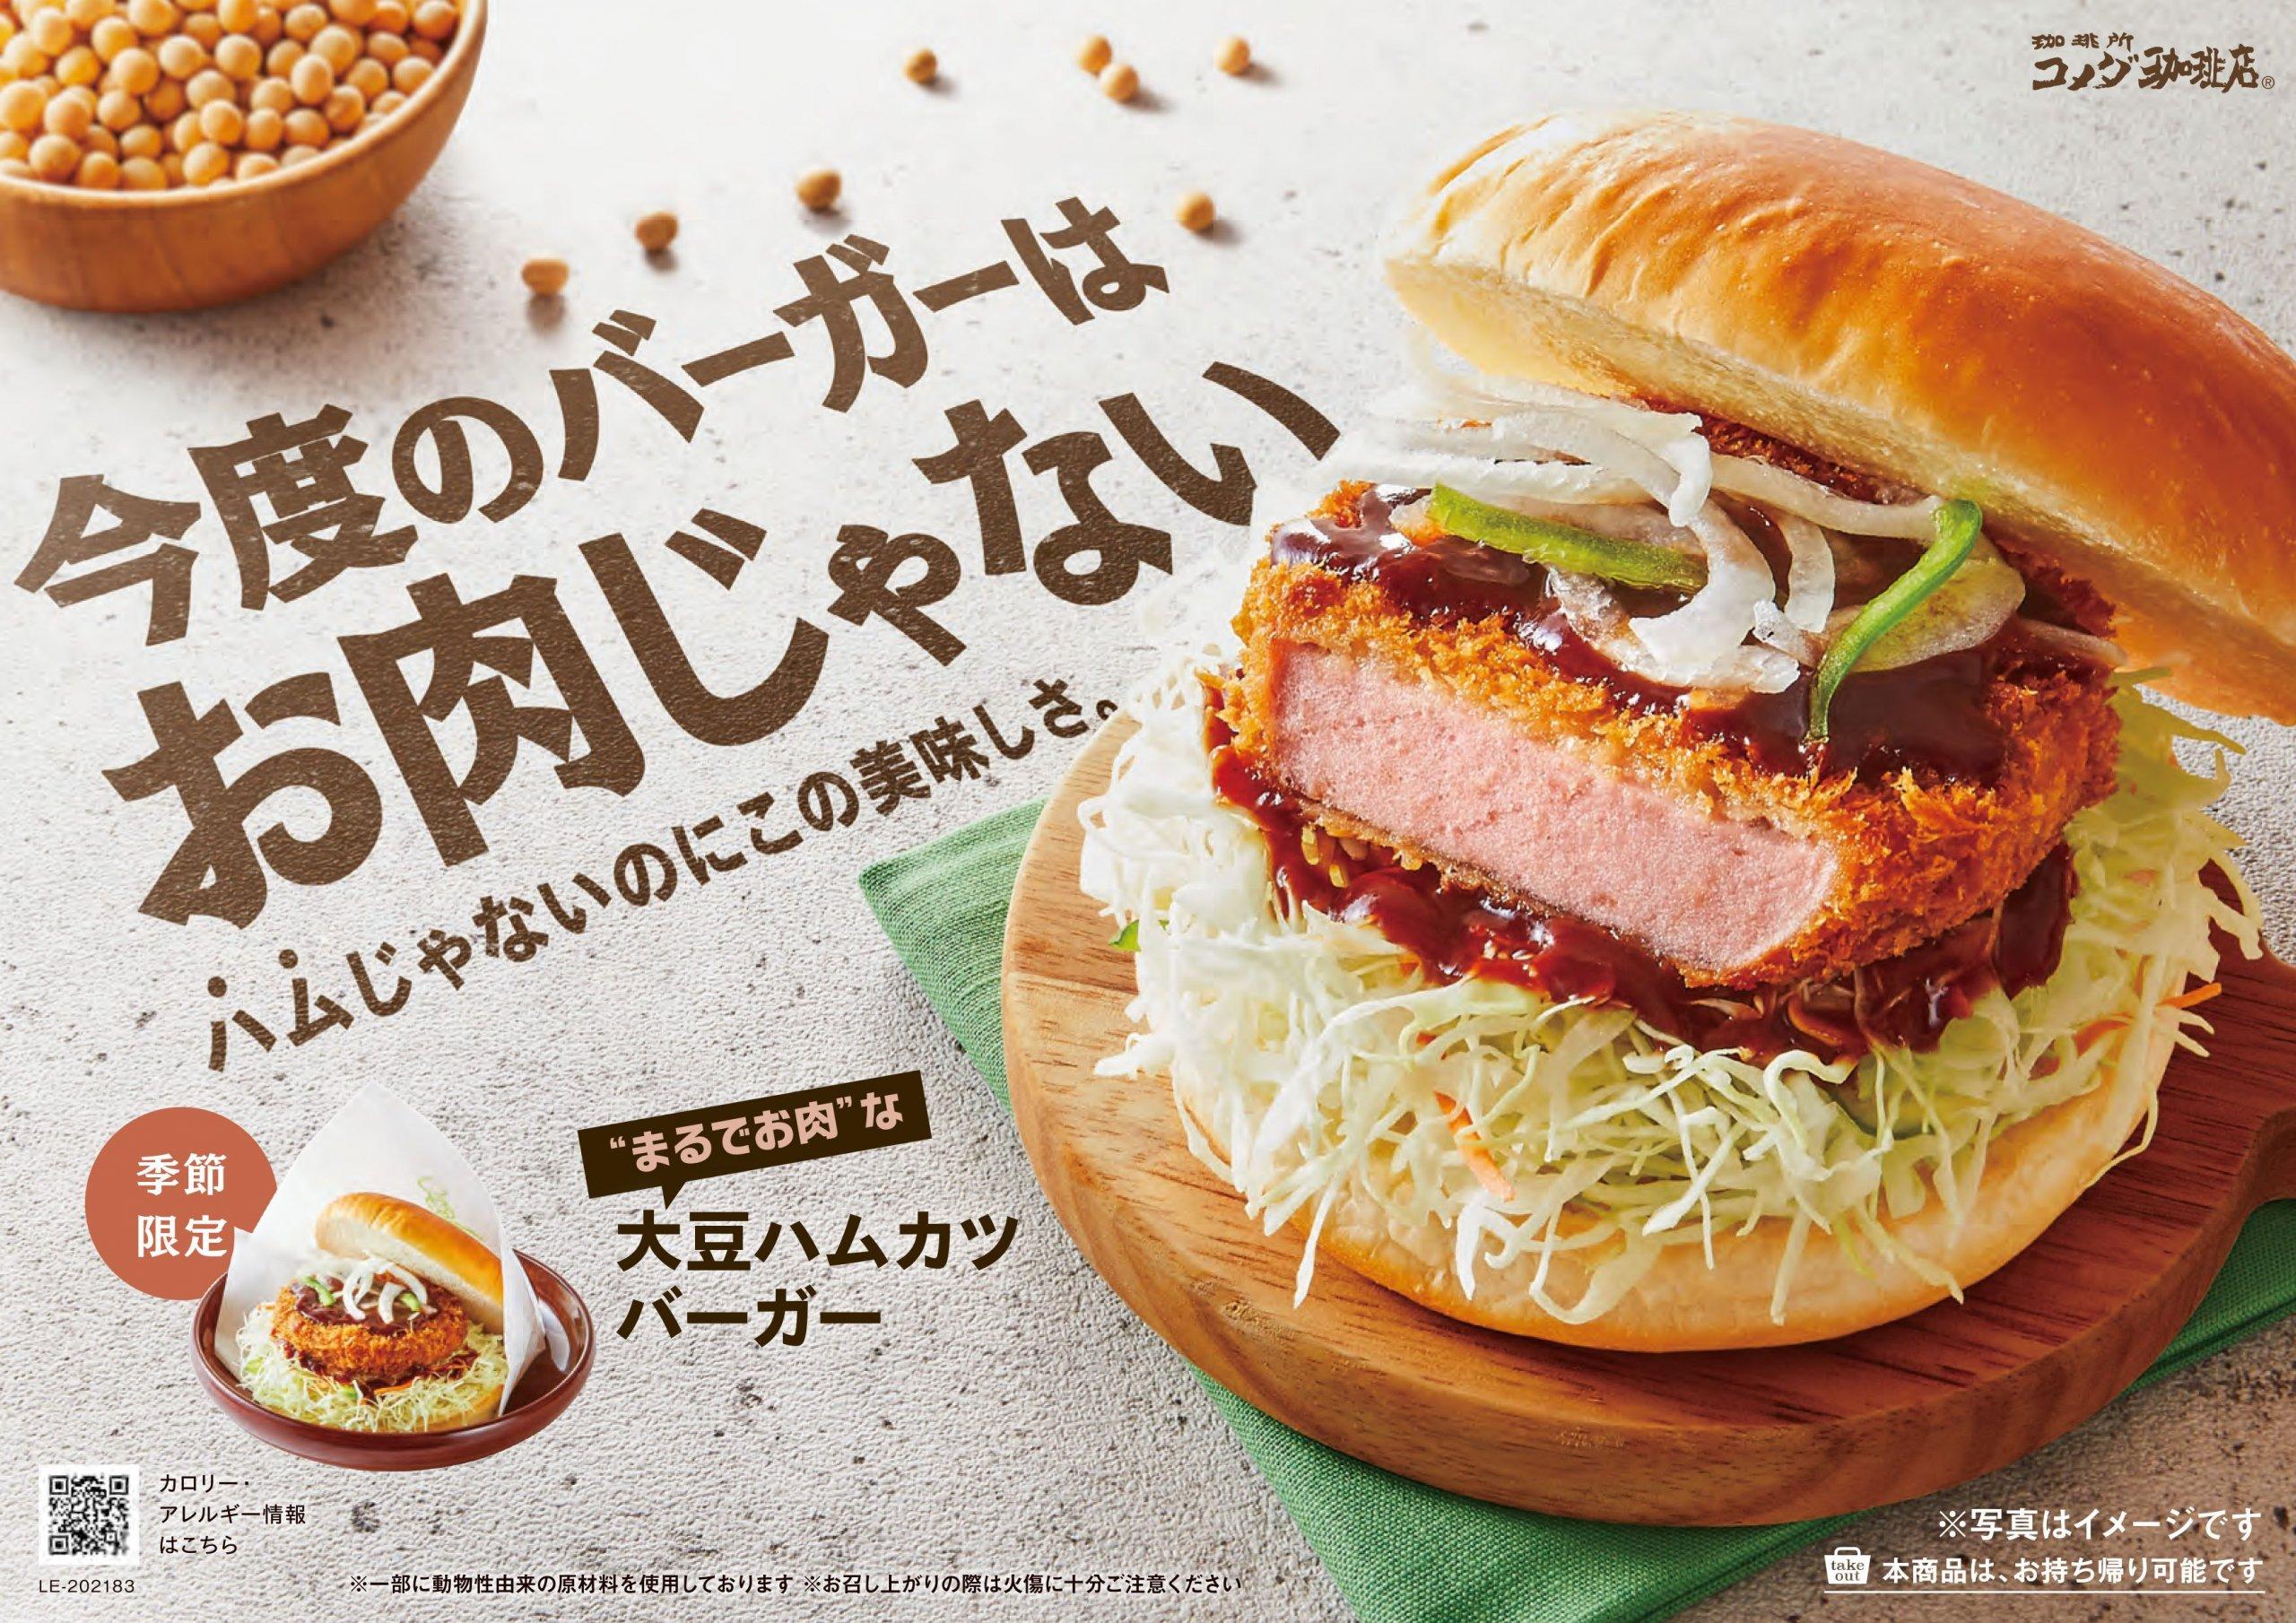 大豆ミートハムカツを使用した「大豆ハムカツバーガー」